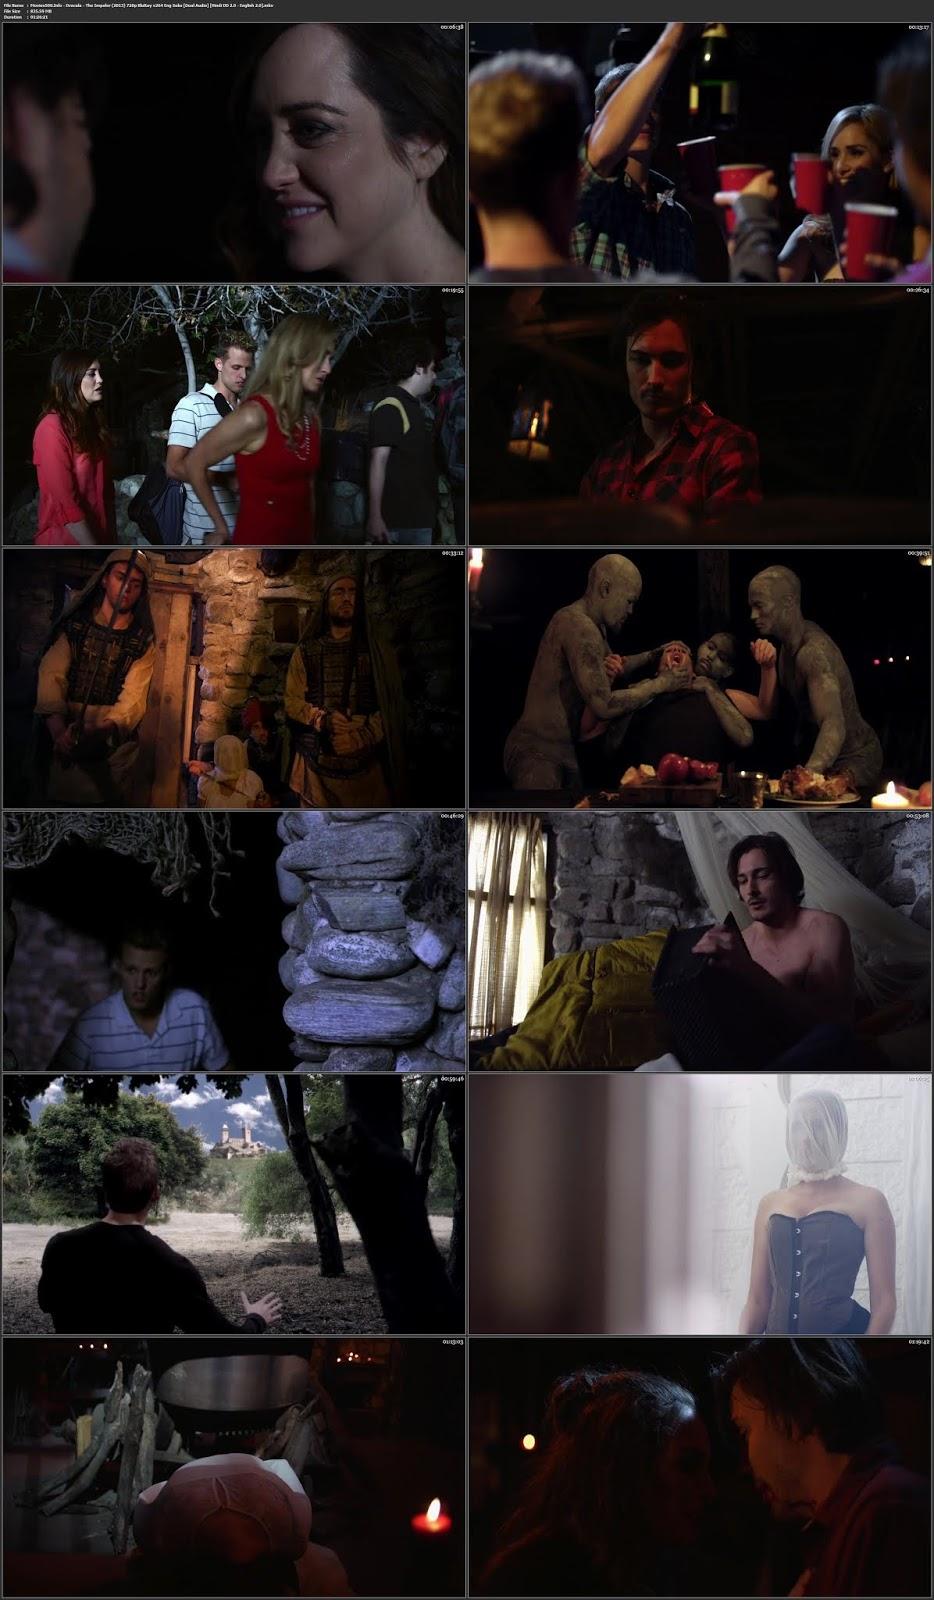 Dracula - The Impaler (2013) Dual Audio Hindi 720p BluRay x264 Eng Subs